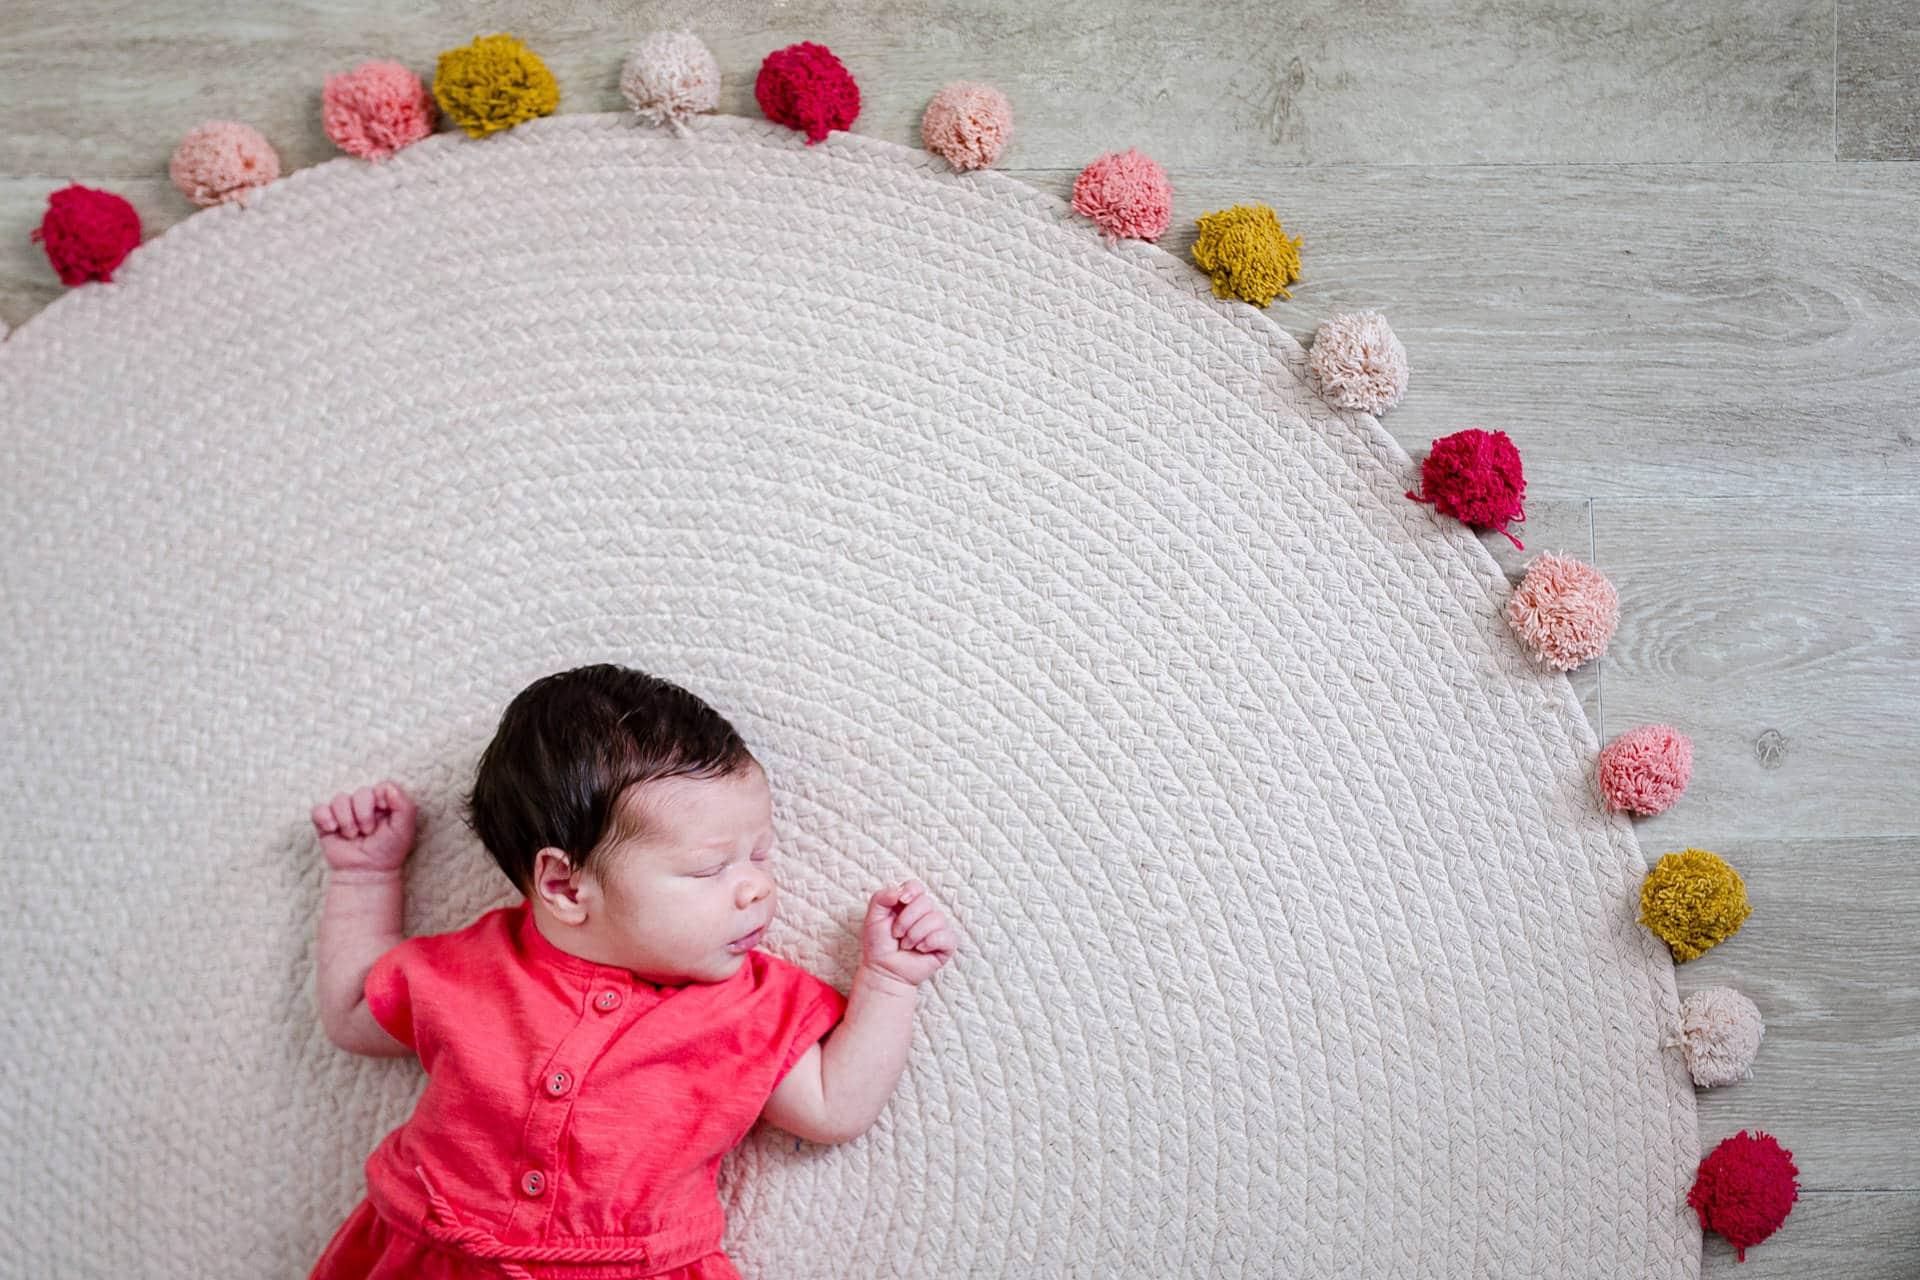 Photographe naissance bébé domicile Asnières sur seine